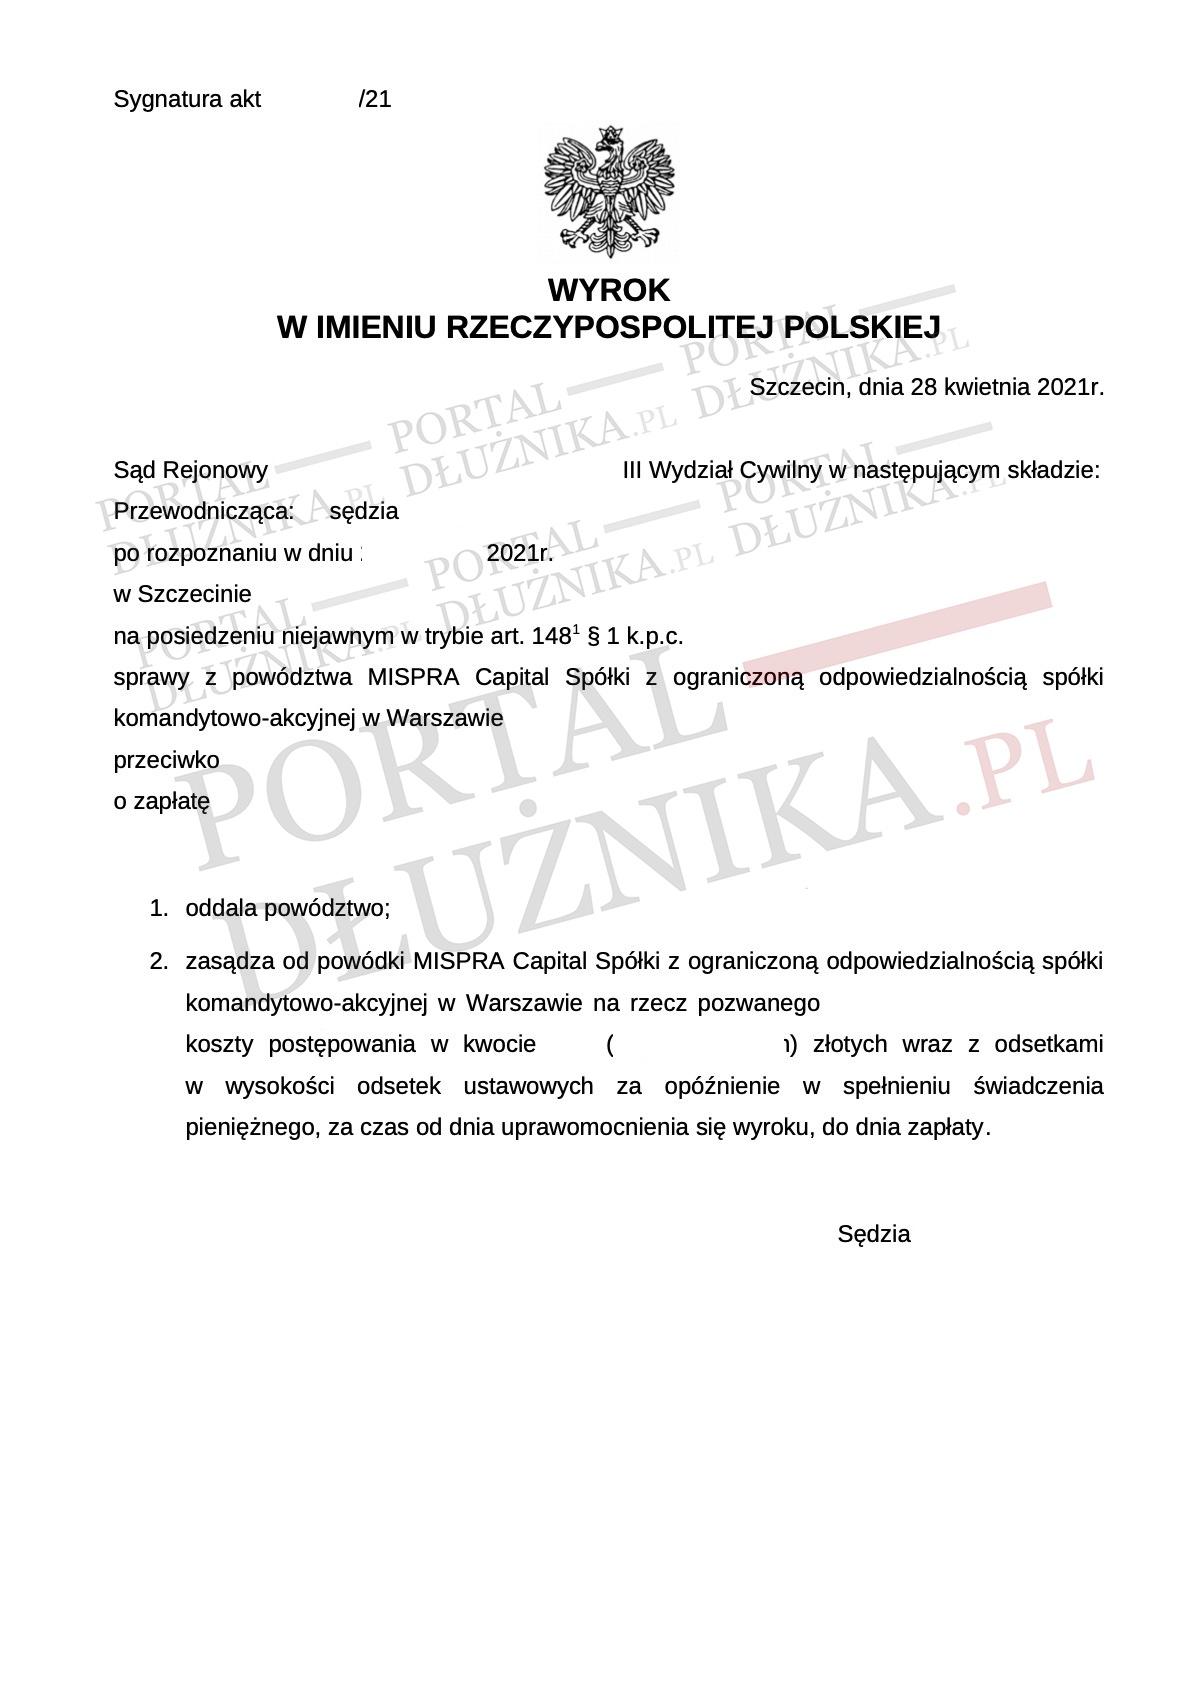 Powództwo Mispra Capital